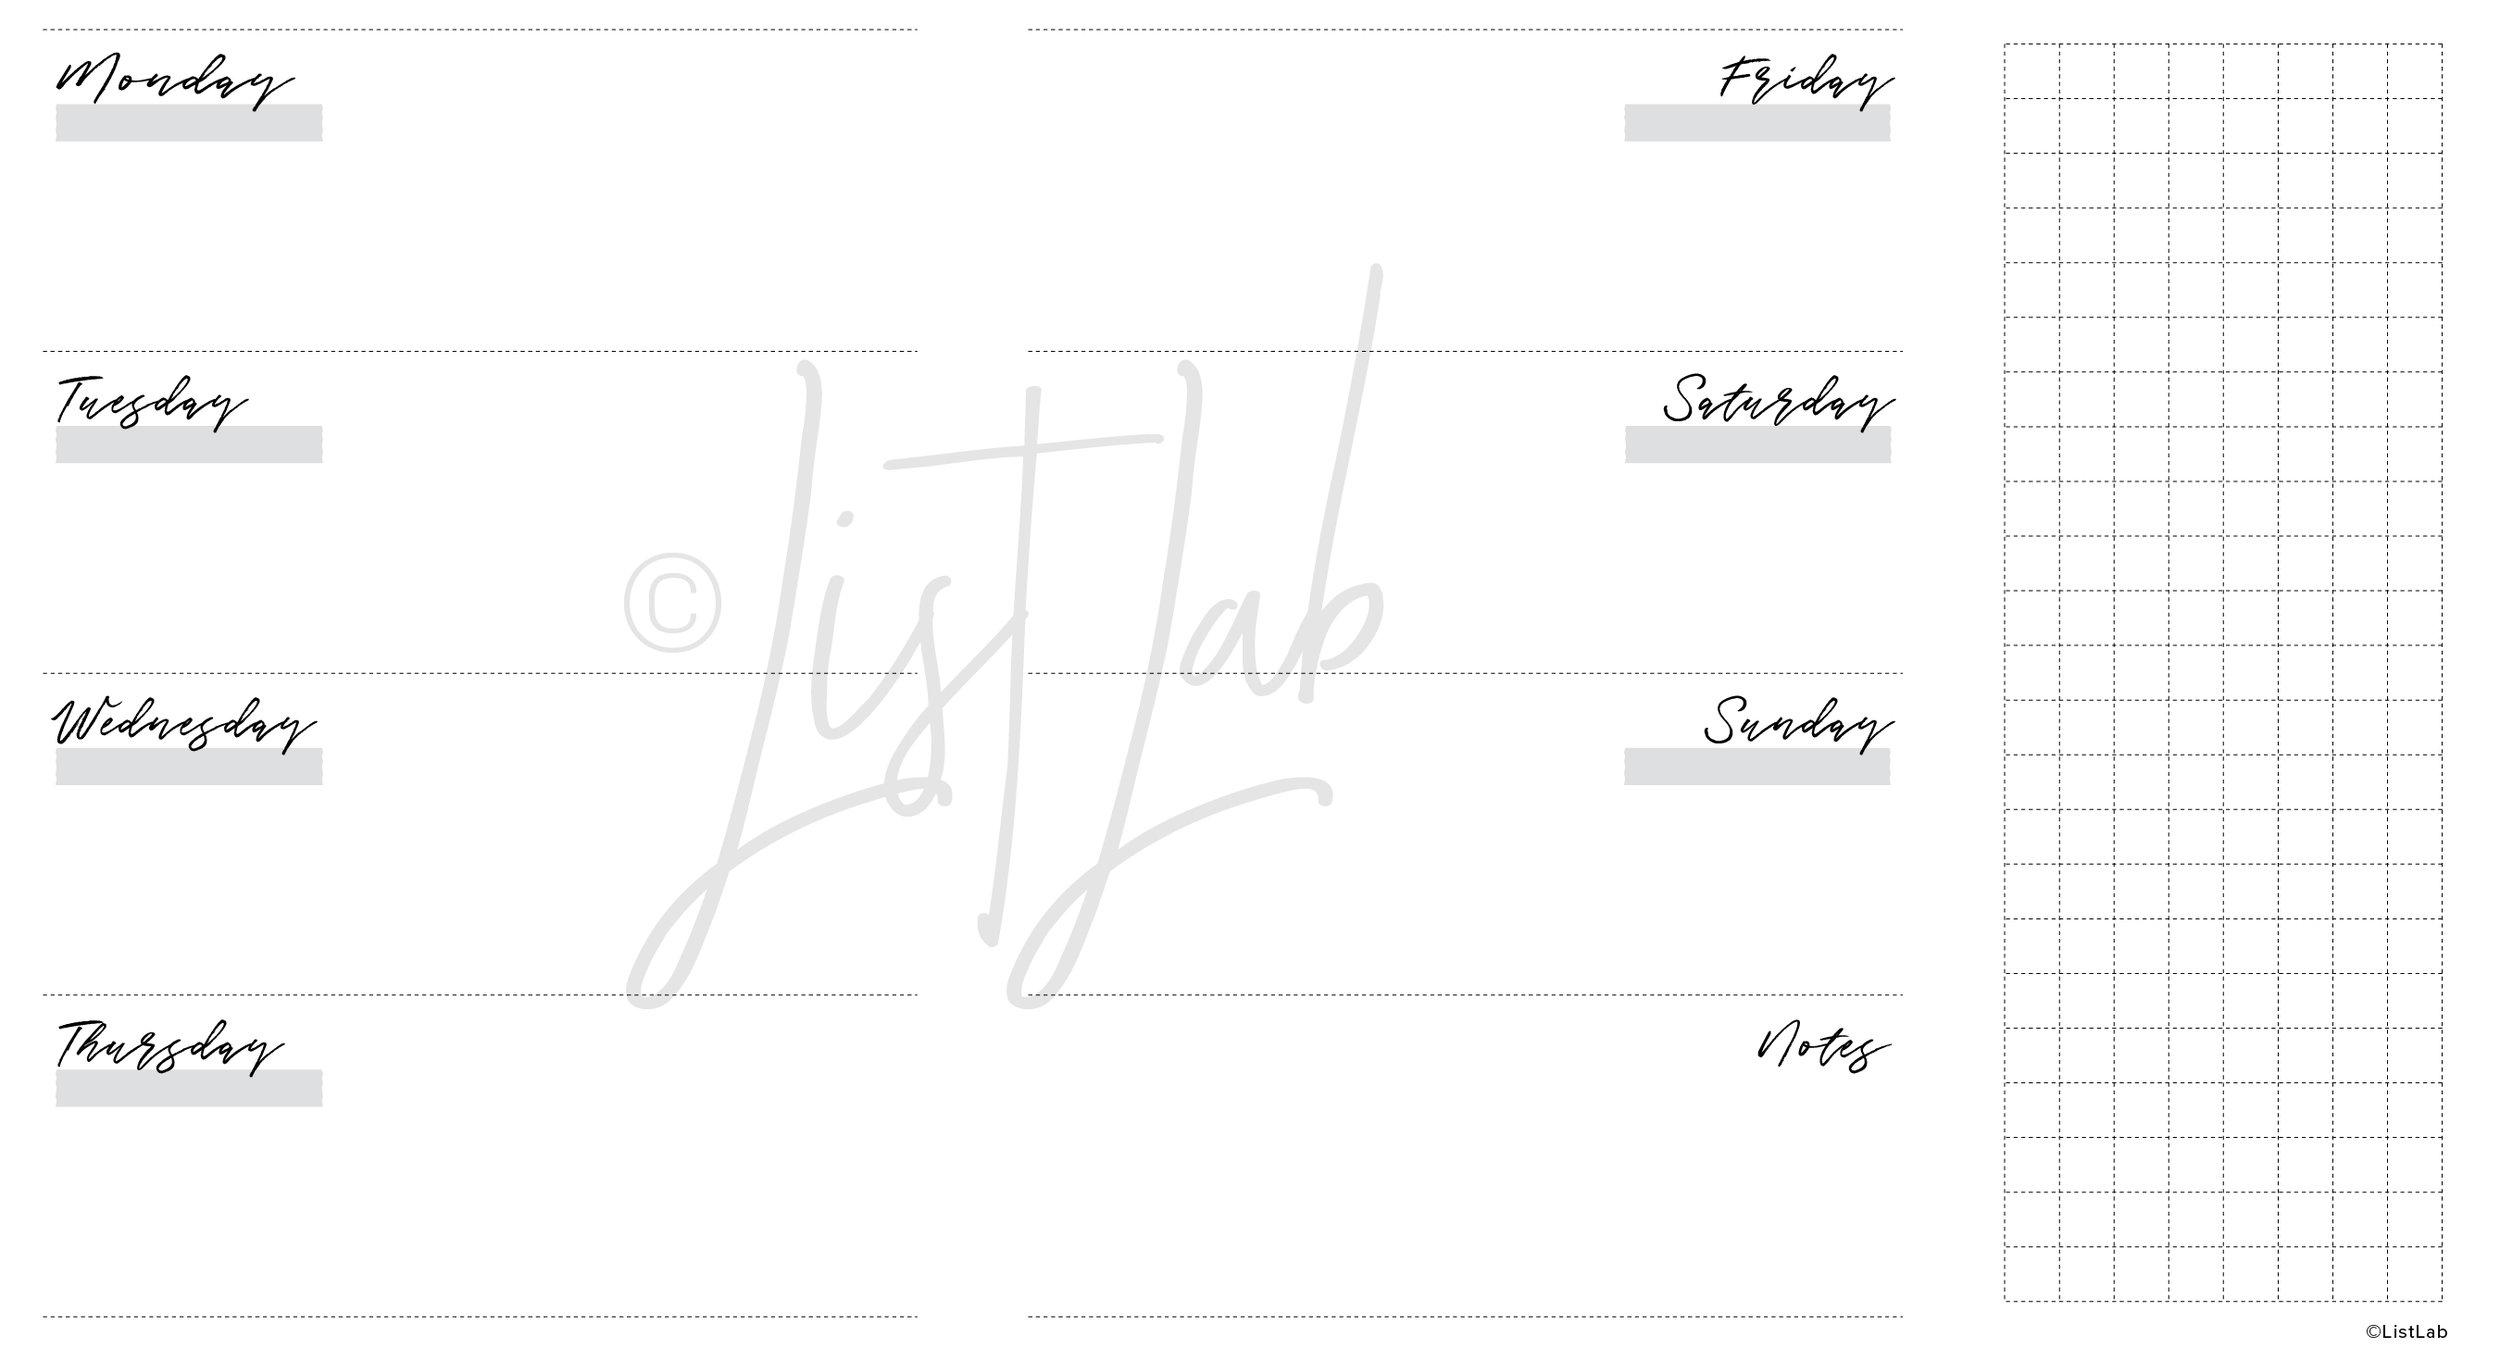 spark_tn_passport_fold out-03.jpg